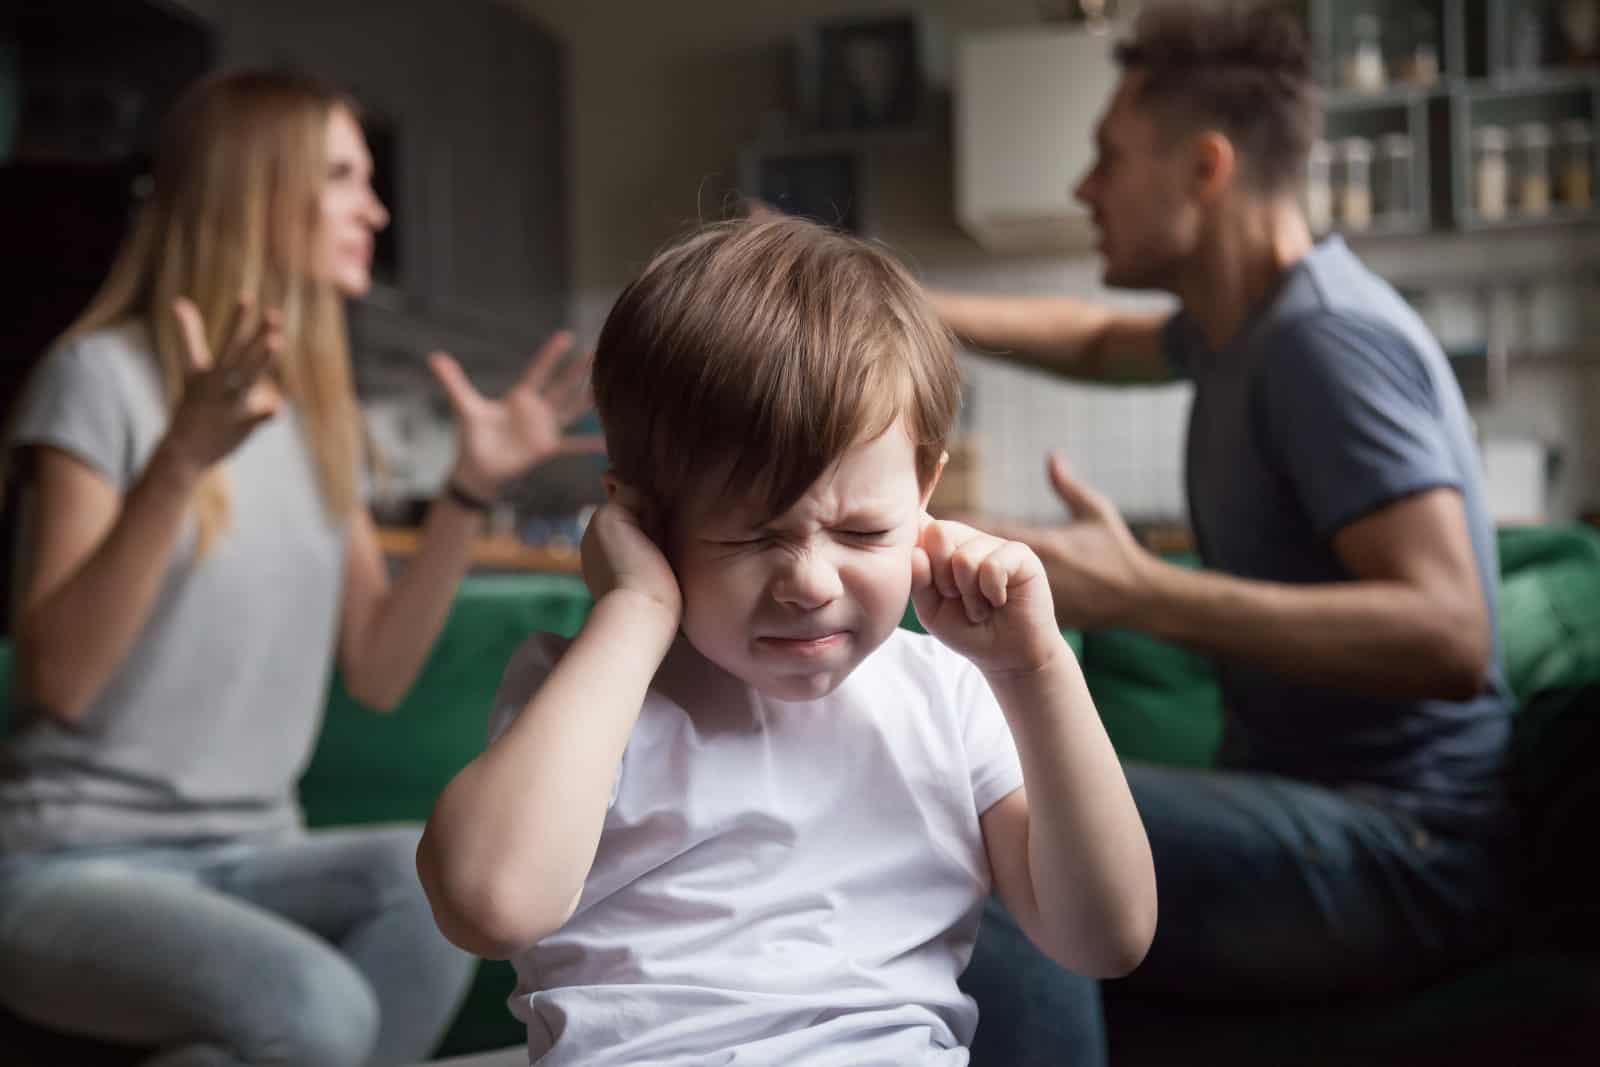 un garçon qui pleure parce que ses parents se disputent